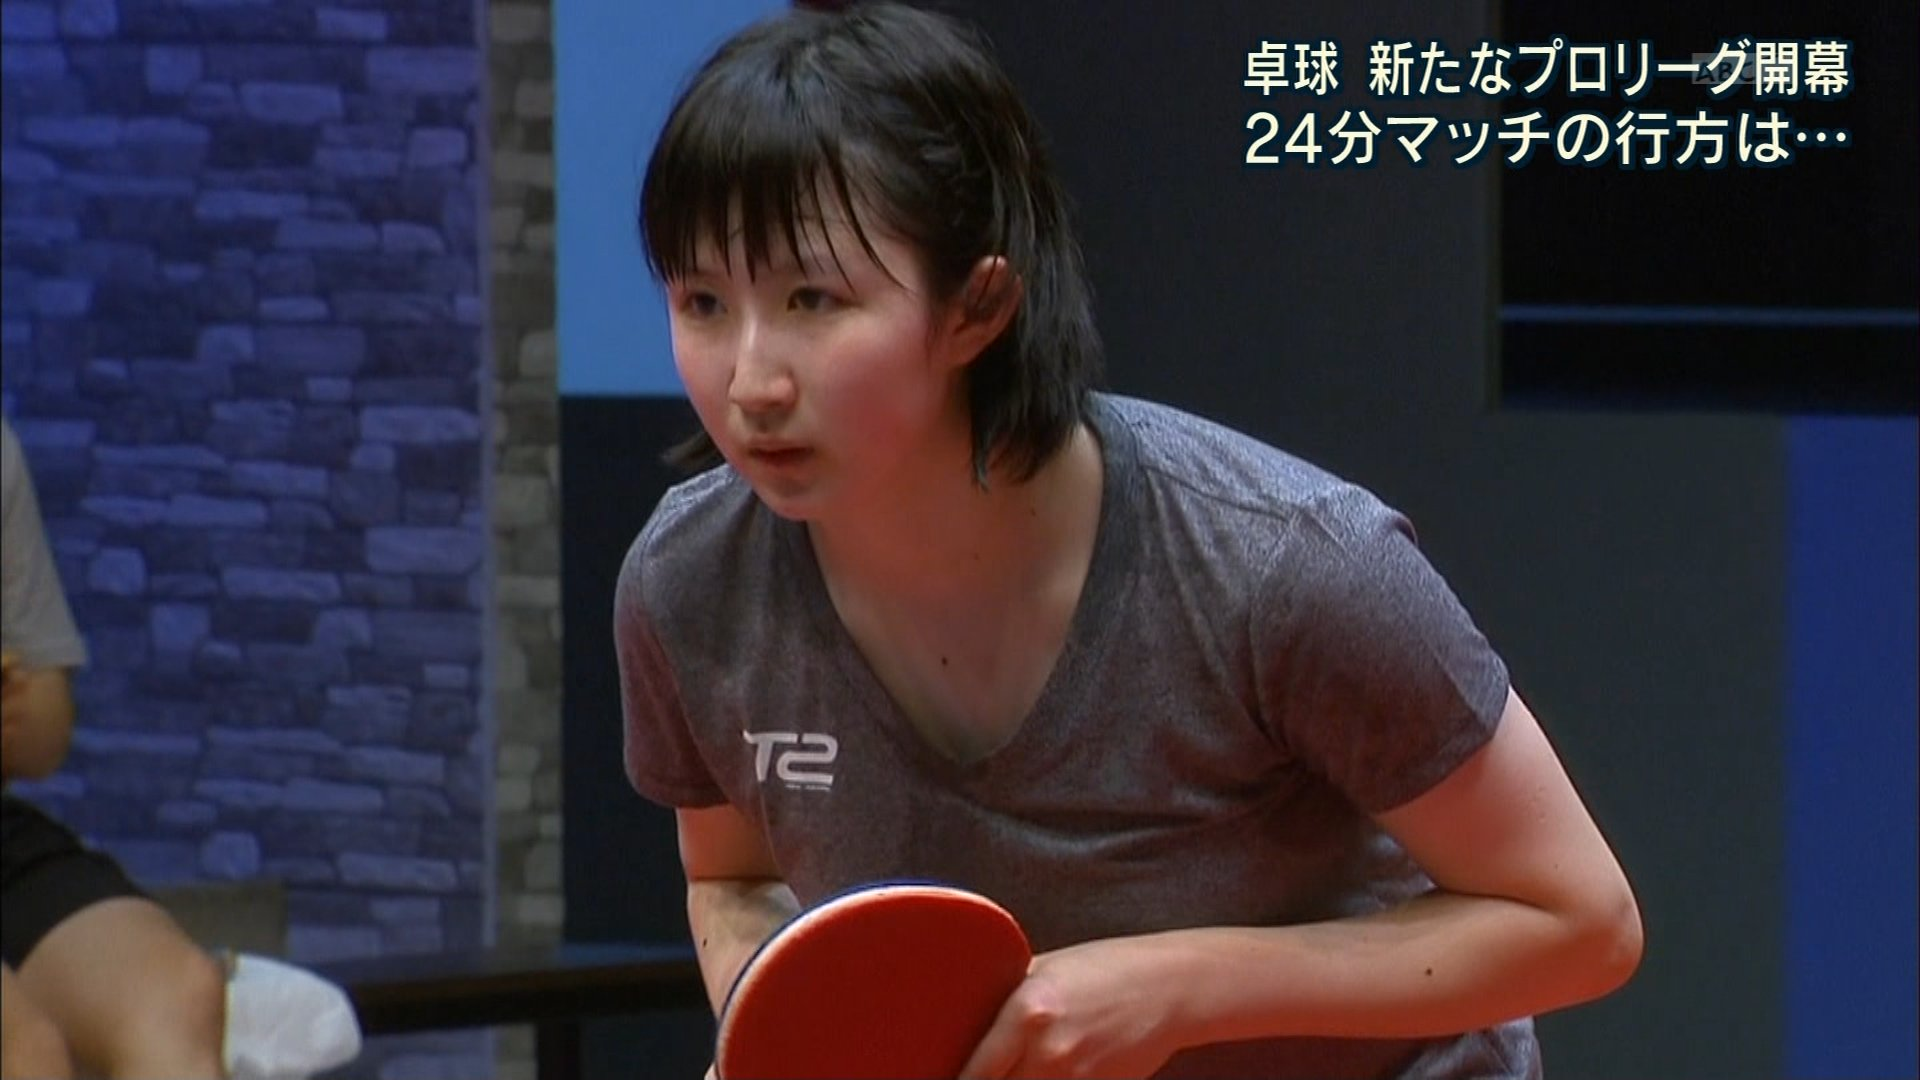 卓球のパンチラ画像